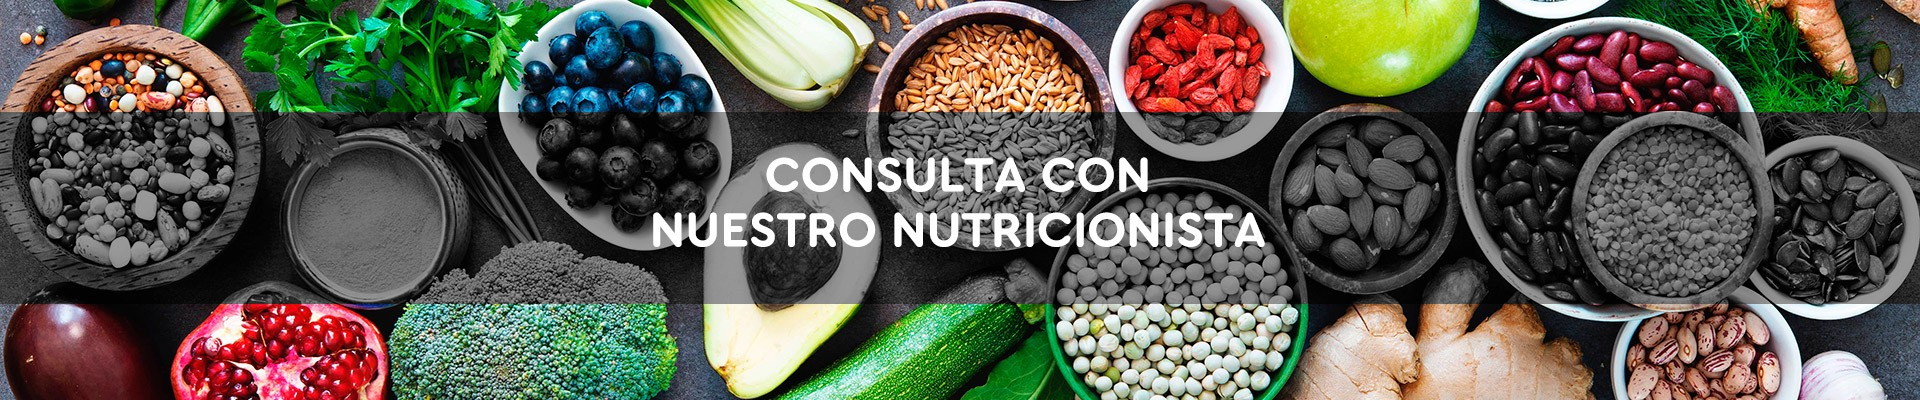 Consulta a nuestro nutricionista